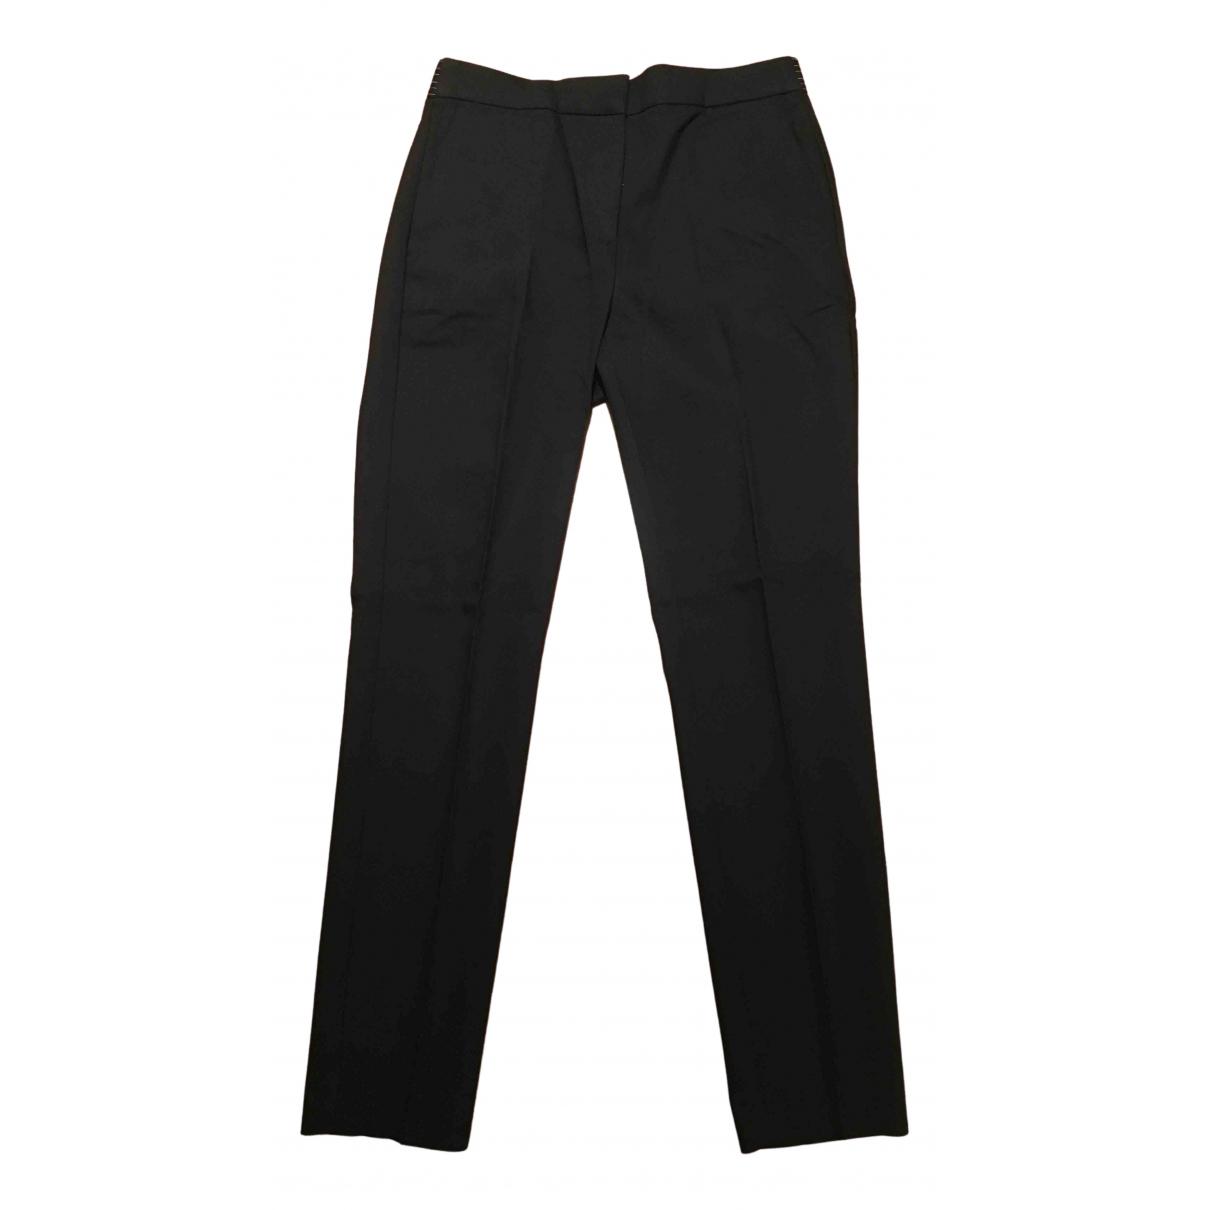 Pantalon de traje Zara